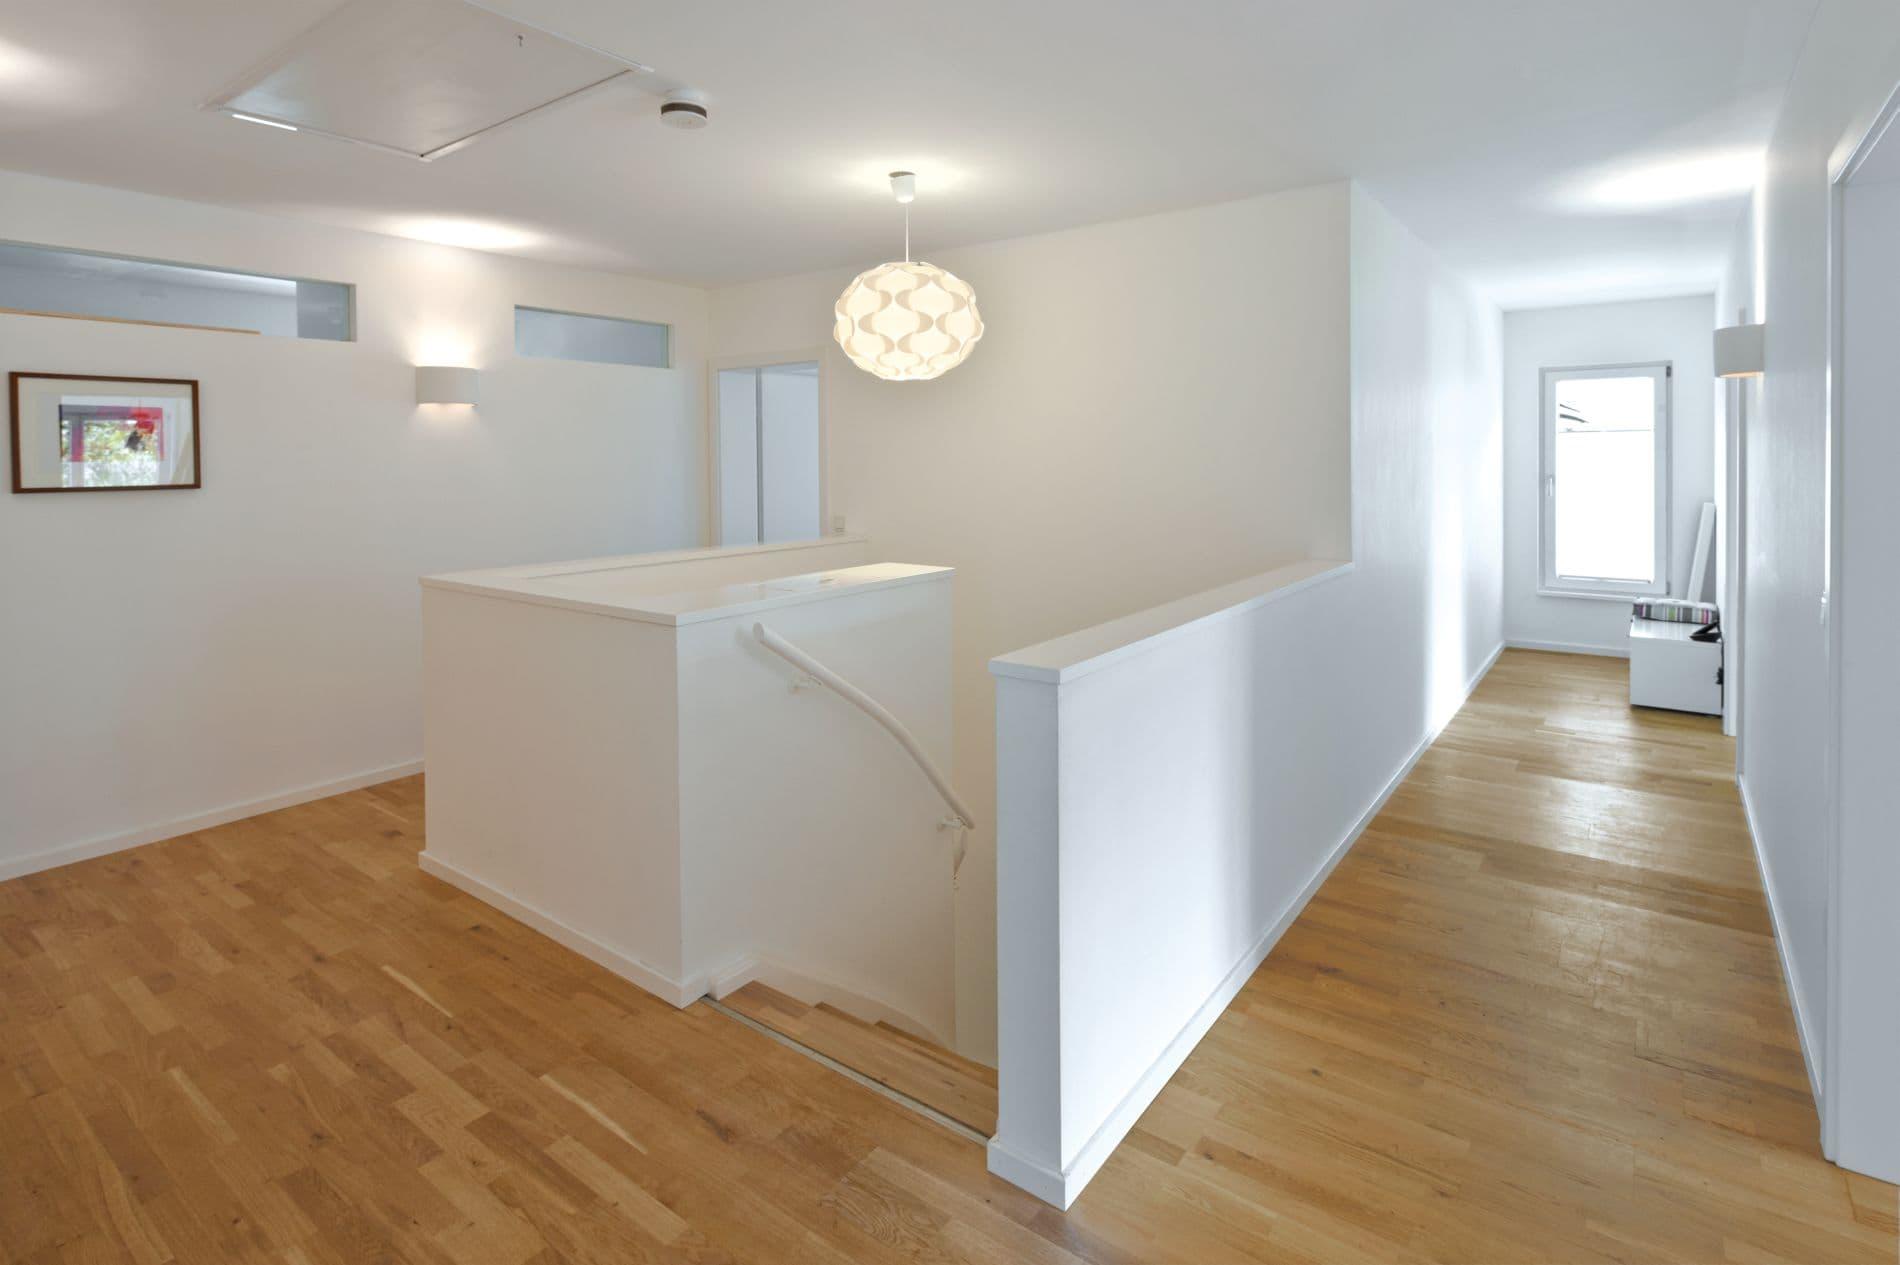 Der Wohnbereich wird durch die Öffnung nach außen mit viel Licht durchflutet.